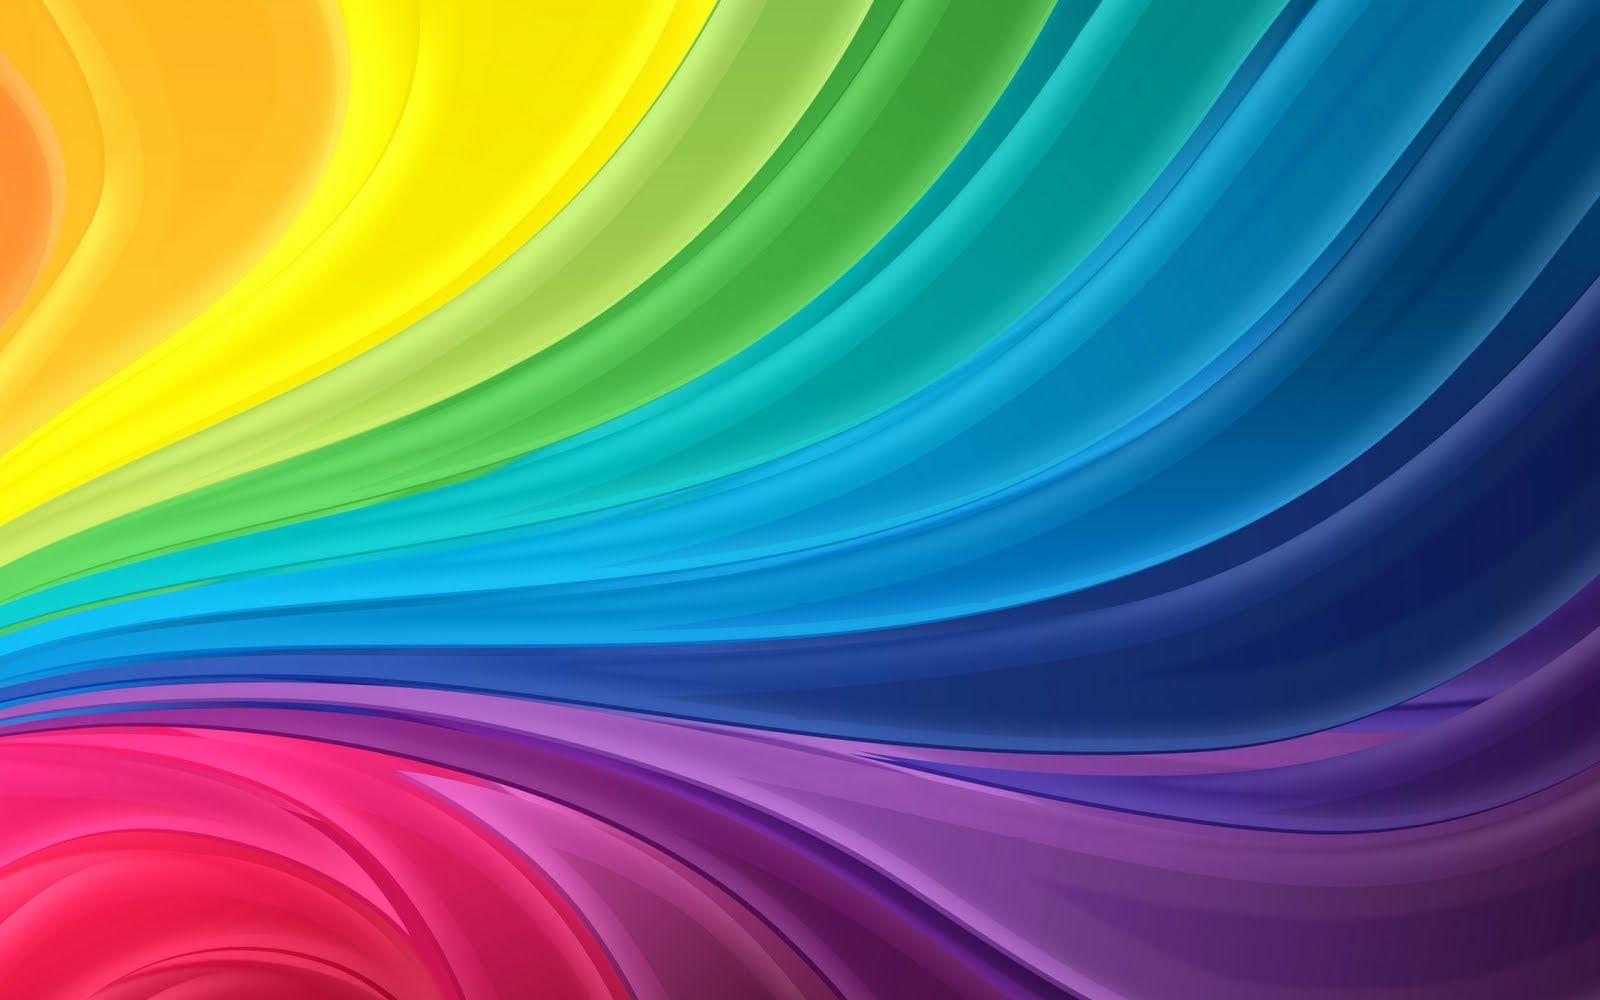 Arcoiris Curveado Curl Rainbow 1920x1200 Colores Del Arco Iris Fondo De Pantalla De Arco Iris Significado De Los Colores